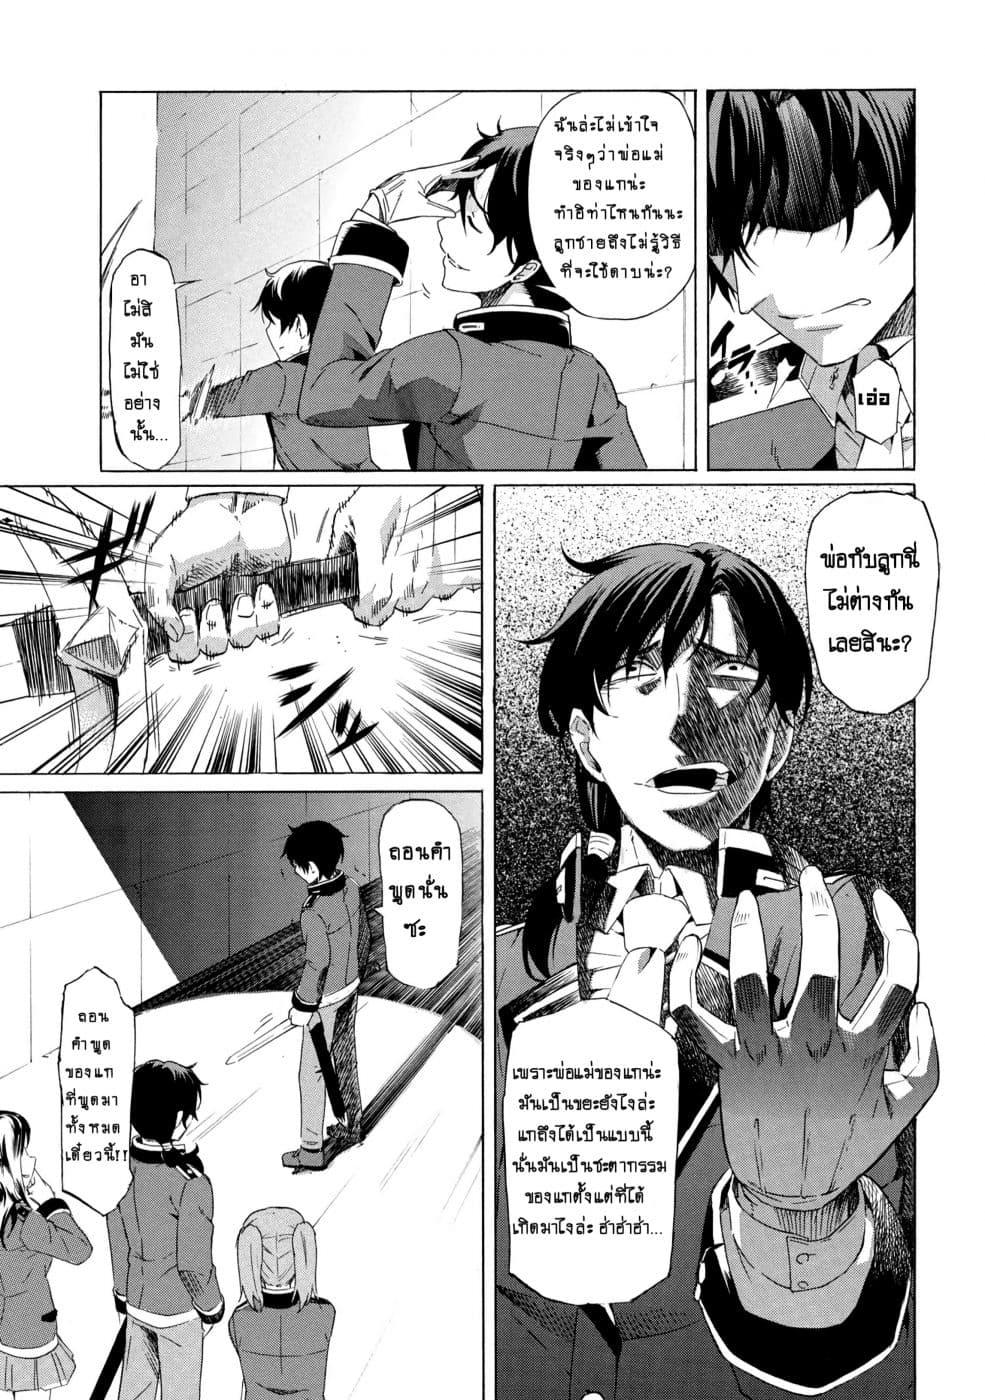 อ่านการ์ตูน Ichioku-nen Button o Renda Shita Ore wa Kizuitara Saikyou ni Natteita ตอนที่ 1.1 หน้าที่ 8